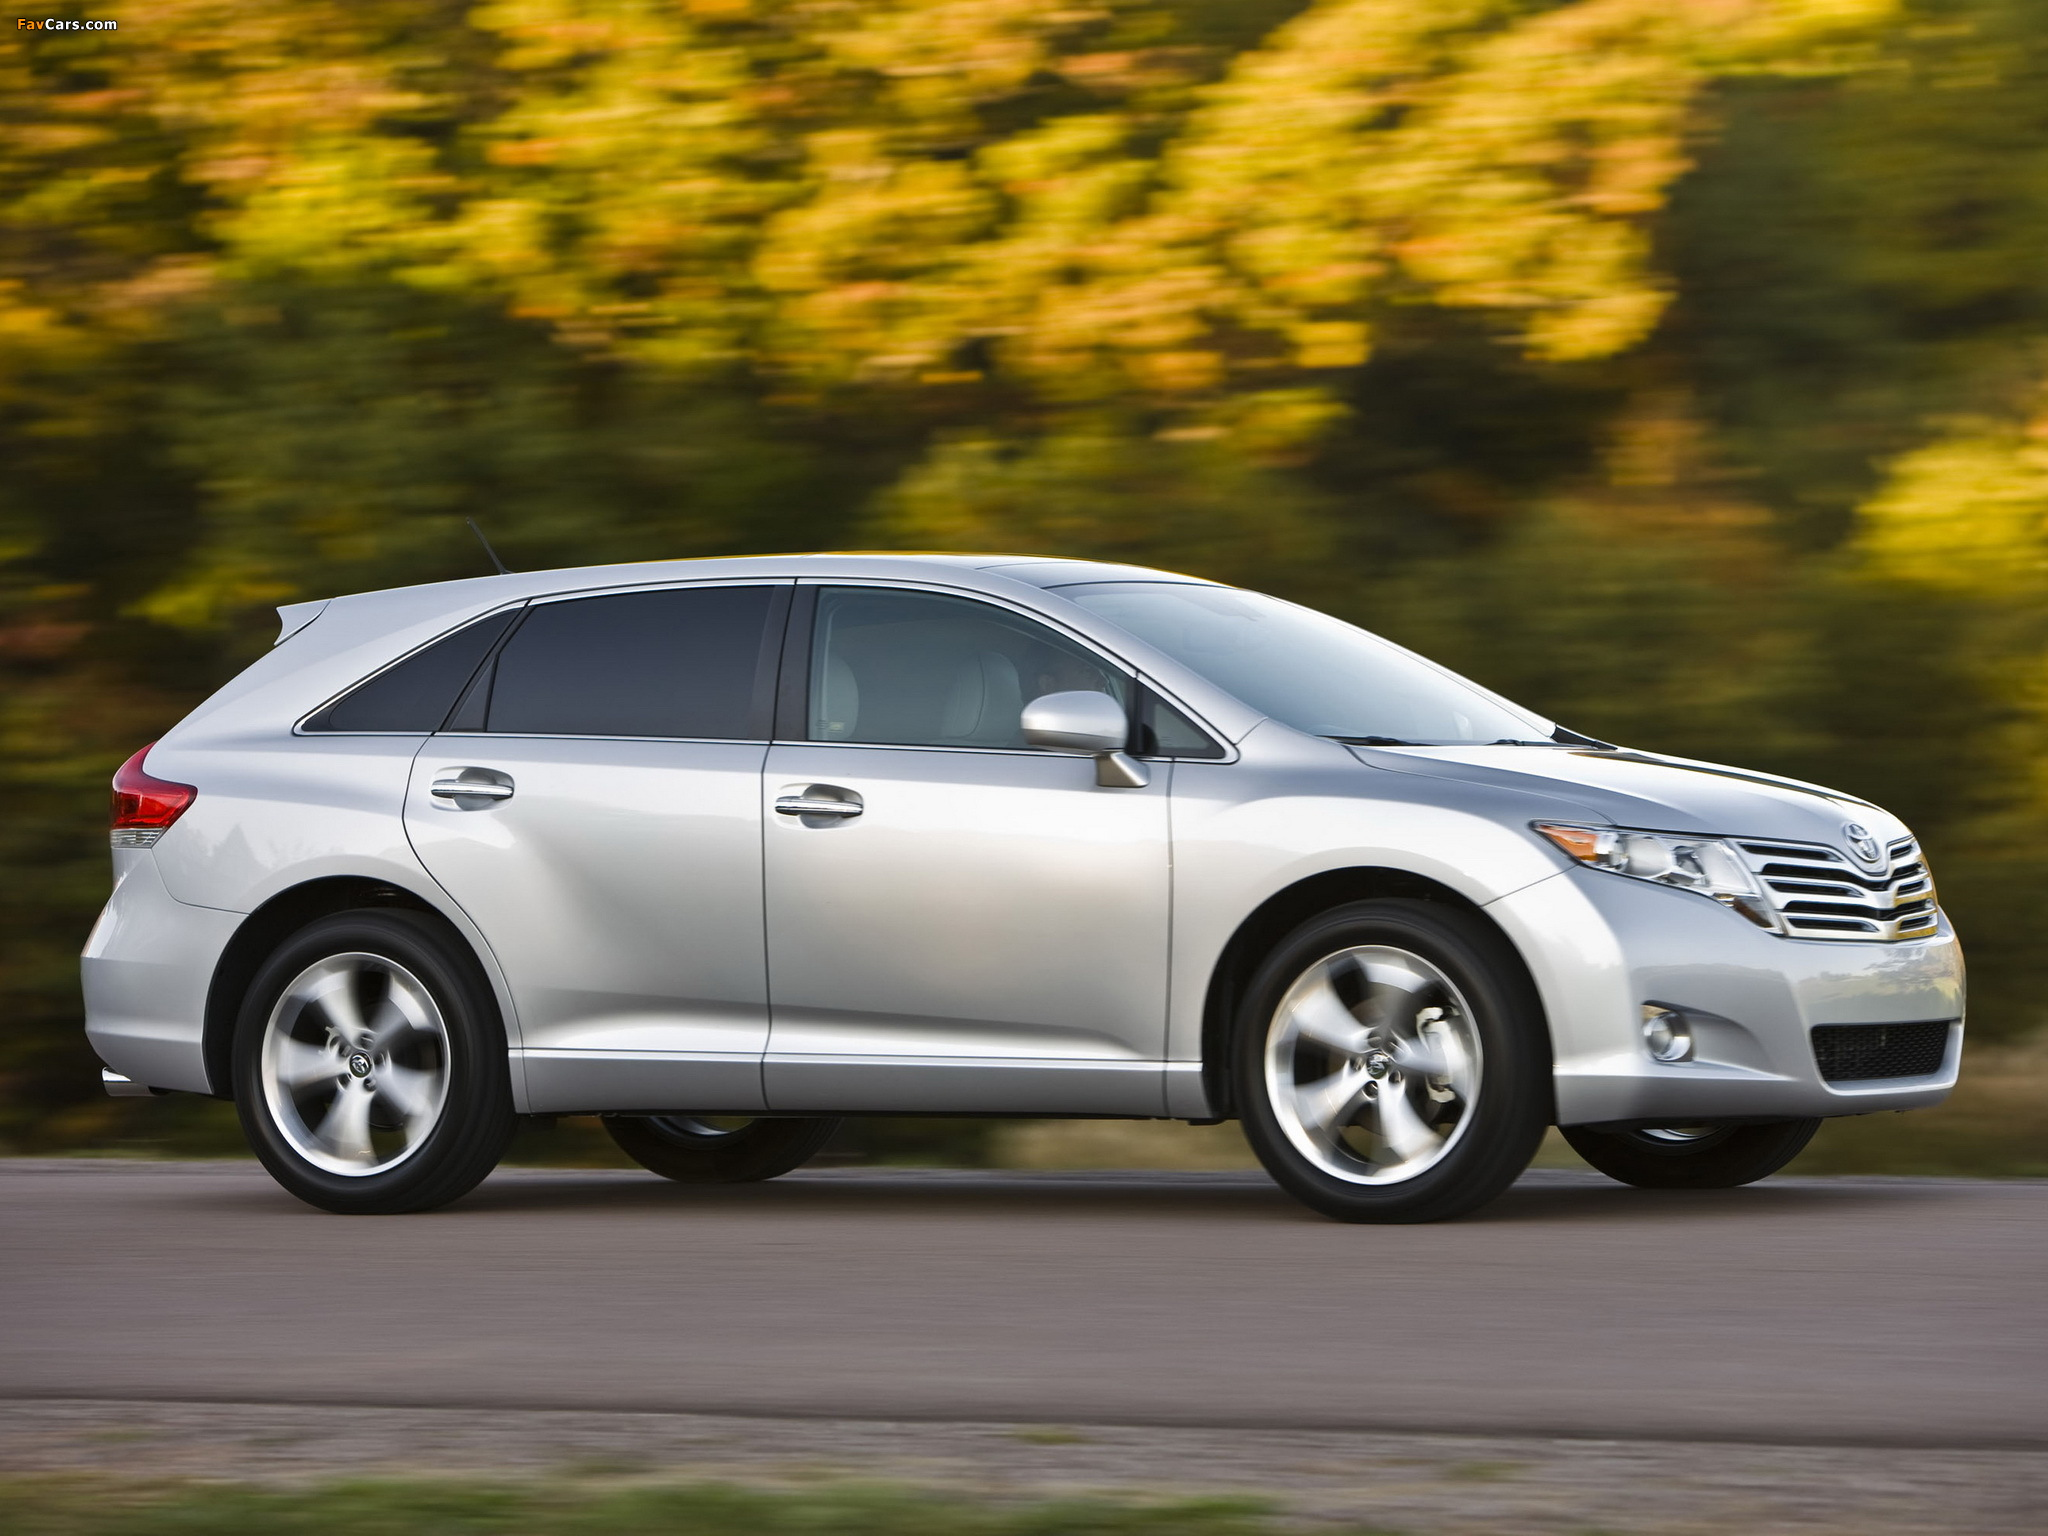 Тойота Венза цена 2015 года, купить новый Toyota Venza...